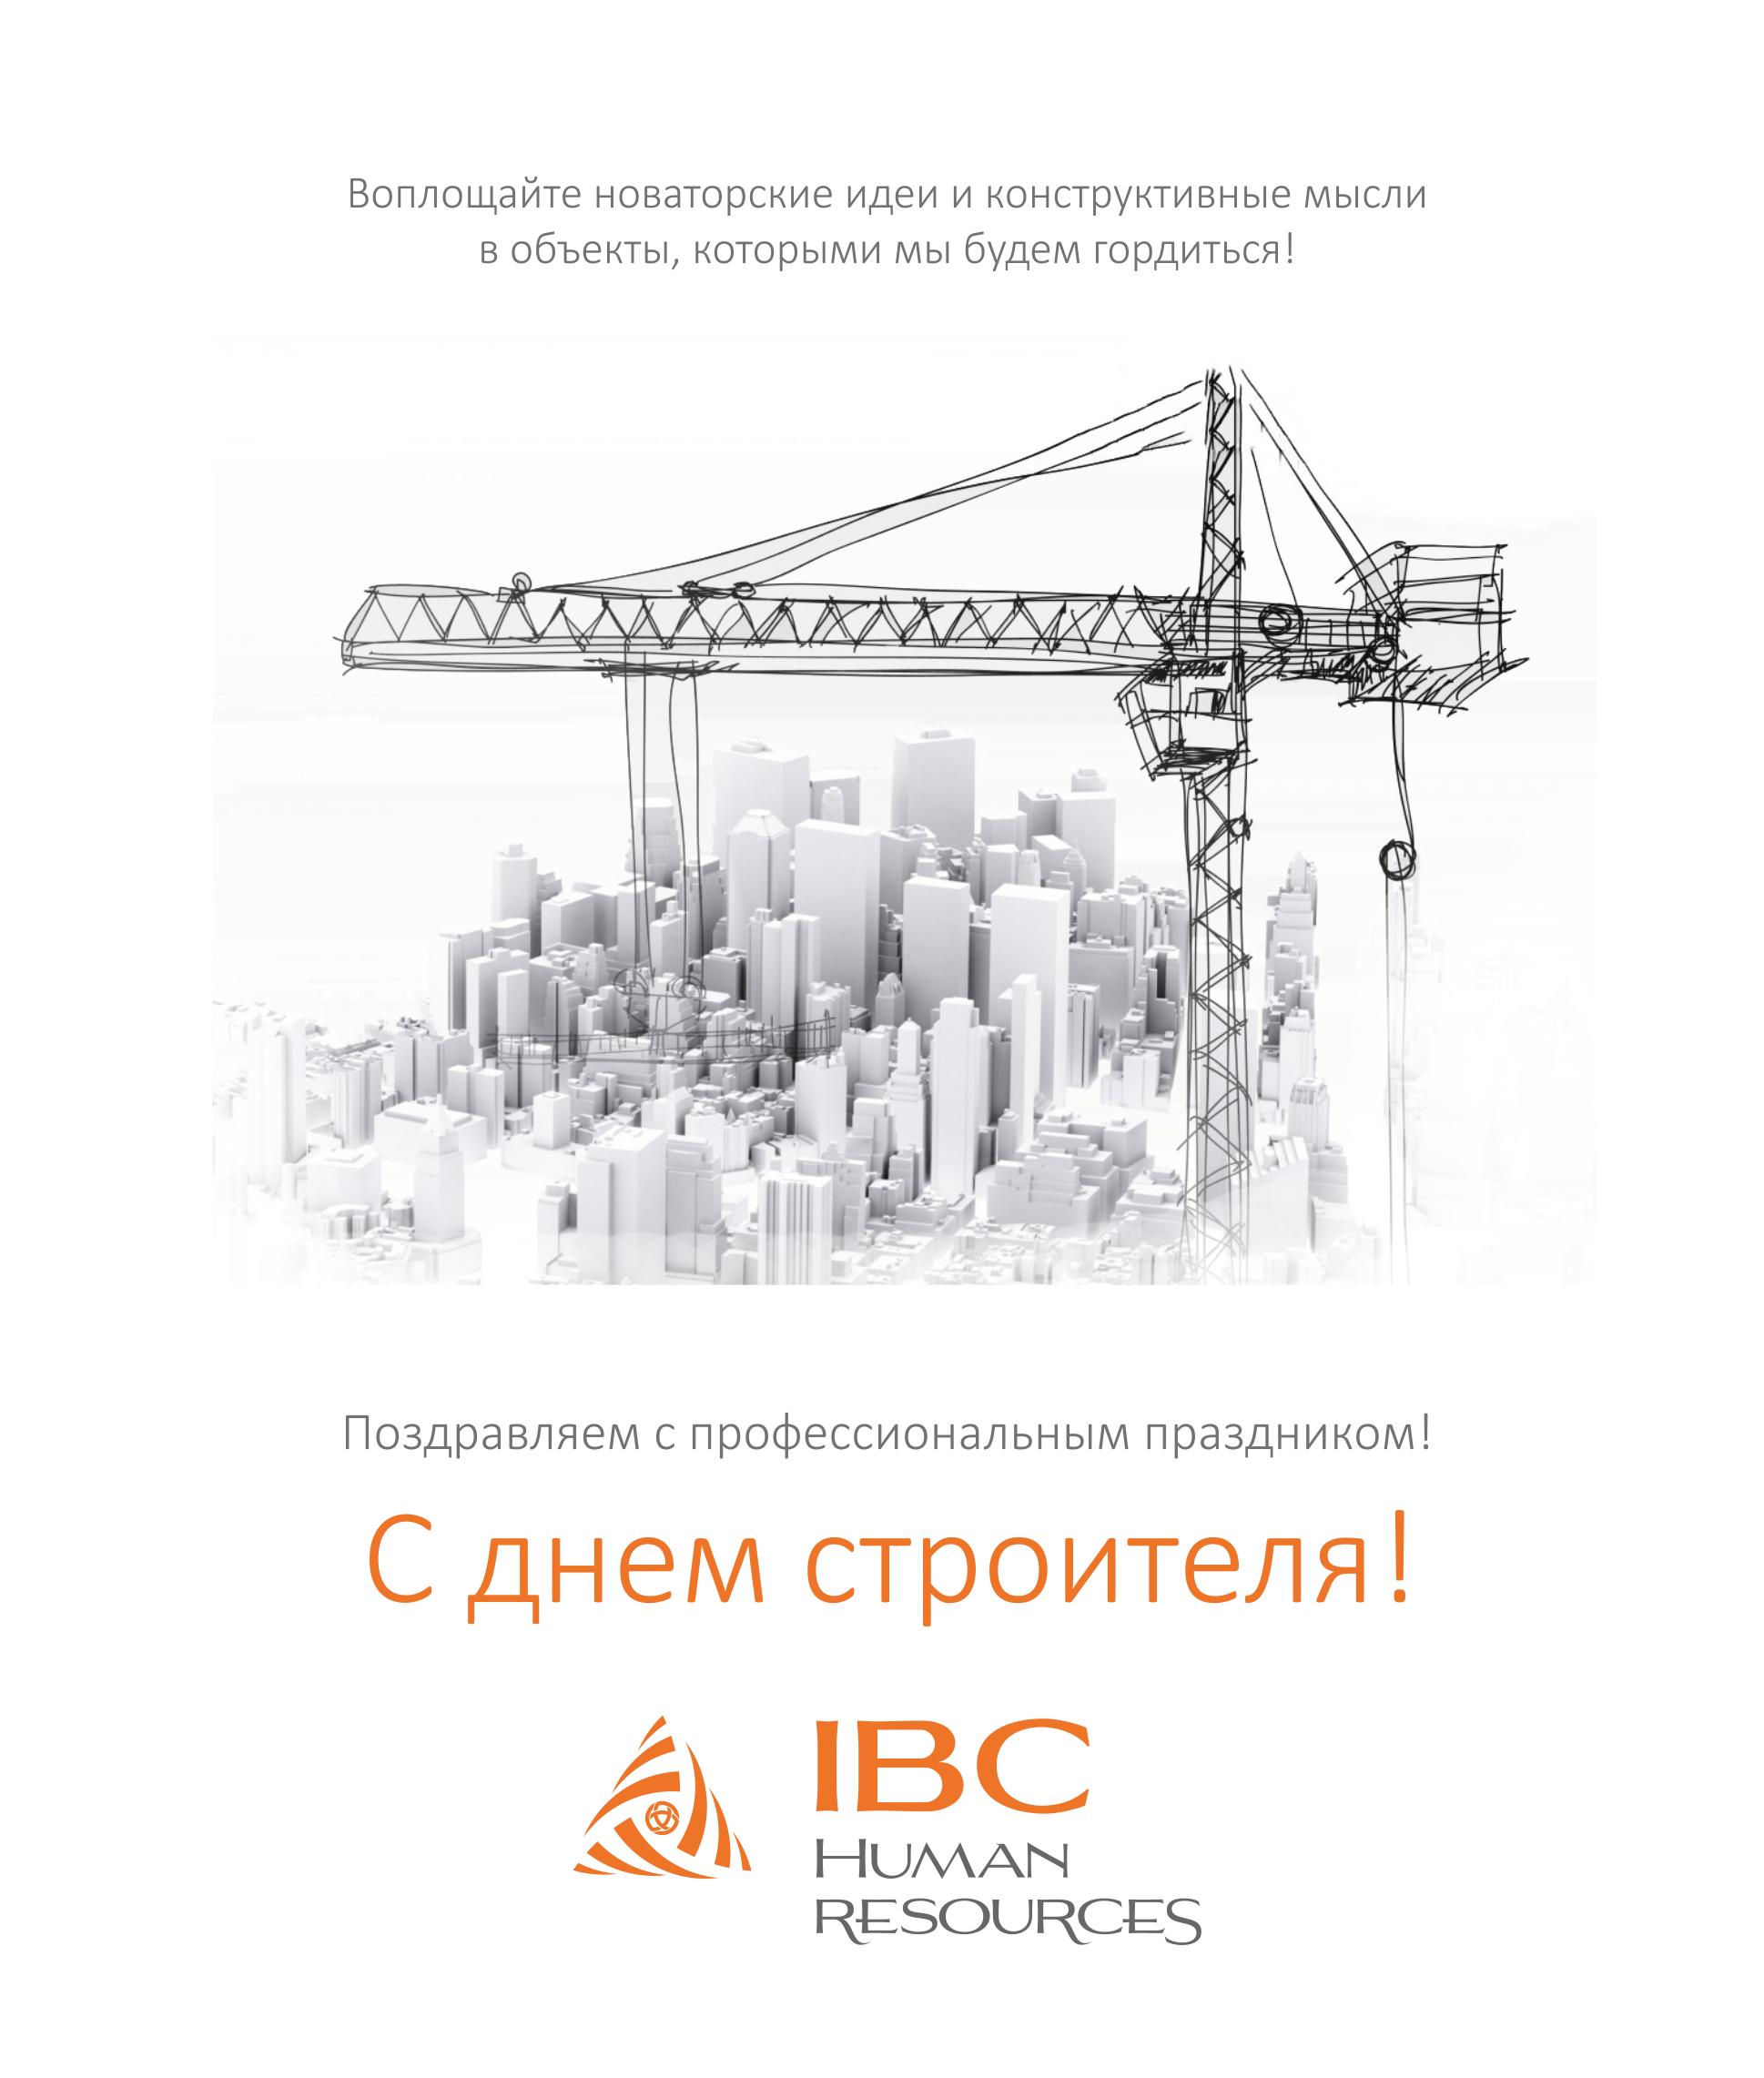 случае, если открытки ко дню строителя проектировщикам информационные